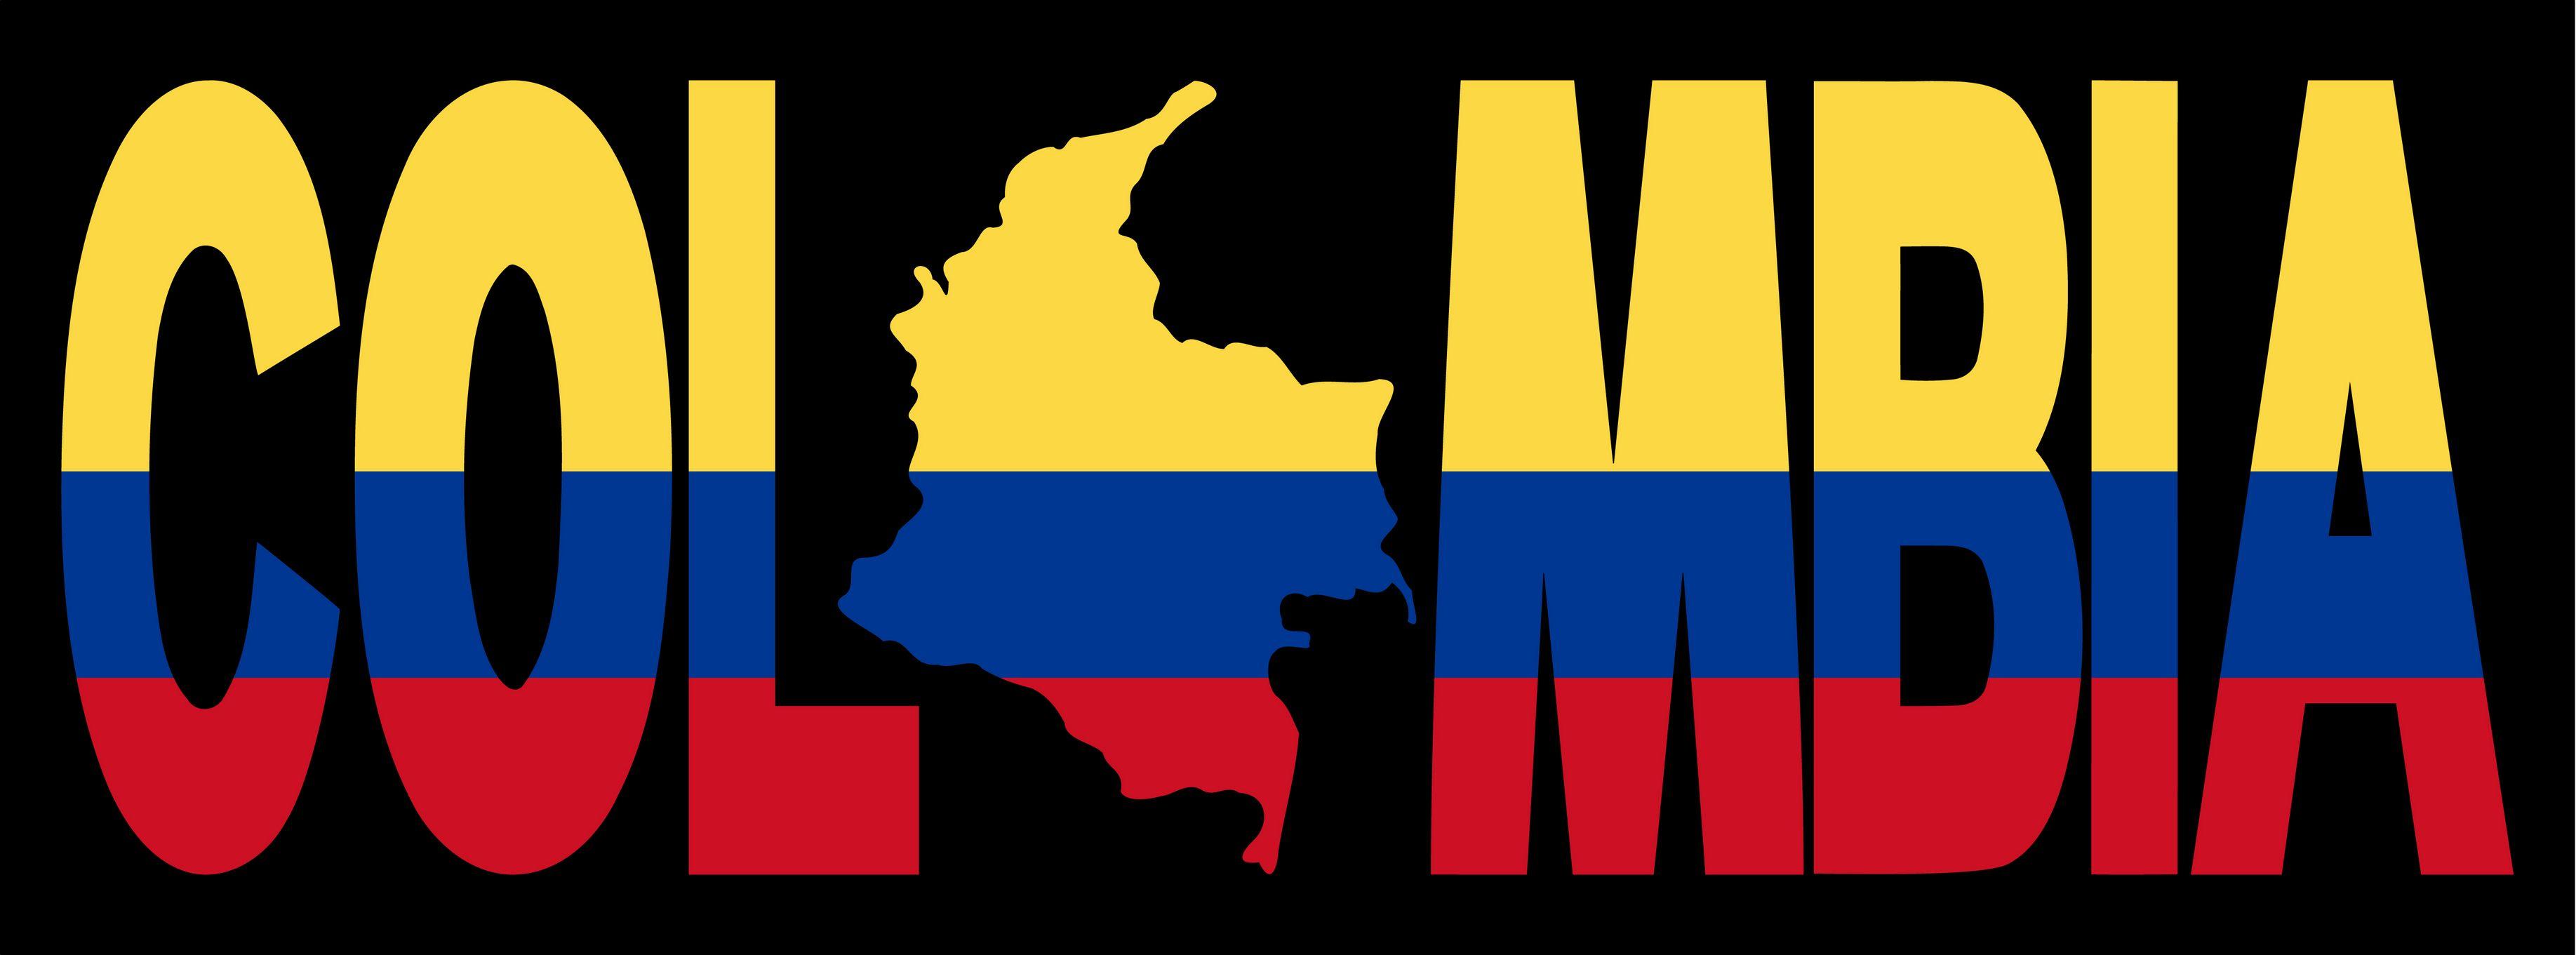 Adiós a las armas en Colombia?.